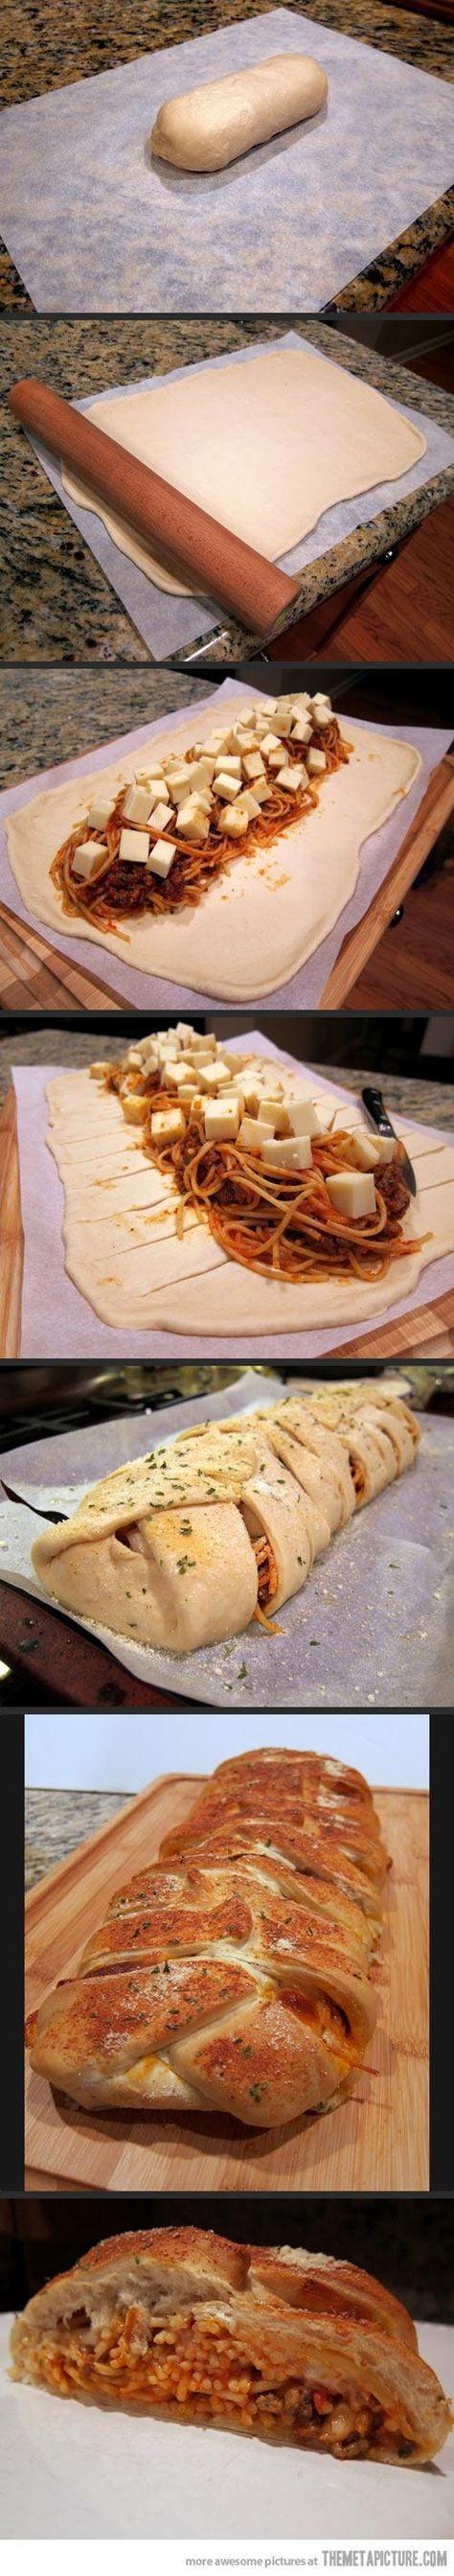 yum!!! Spaghetti bread? Oh yea.